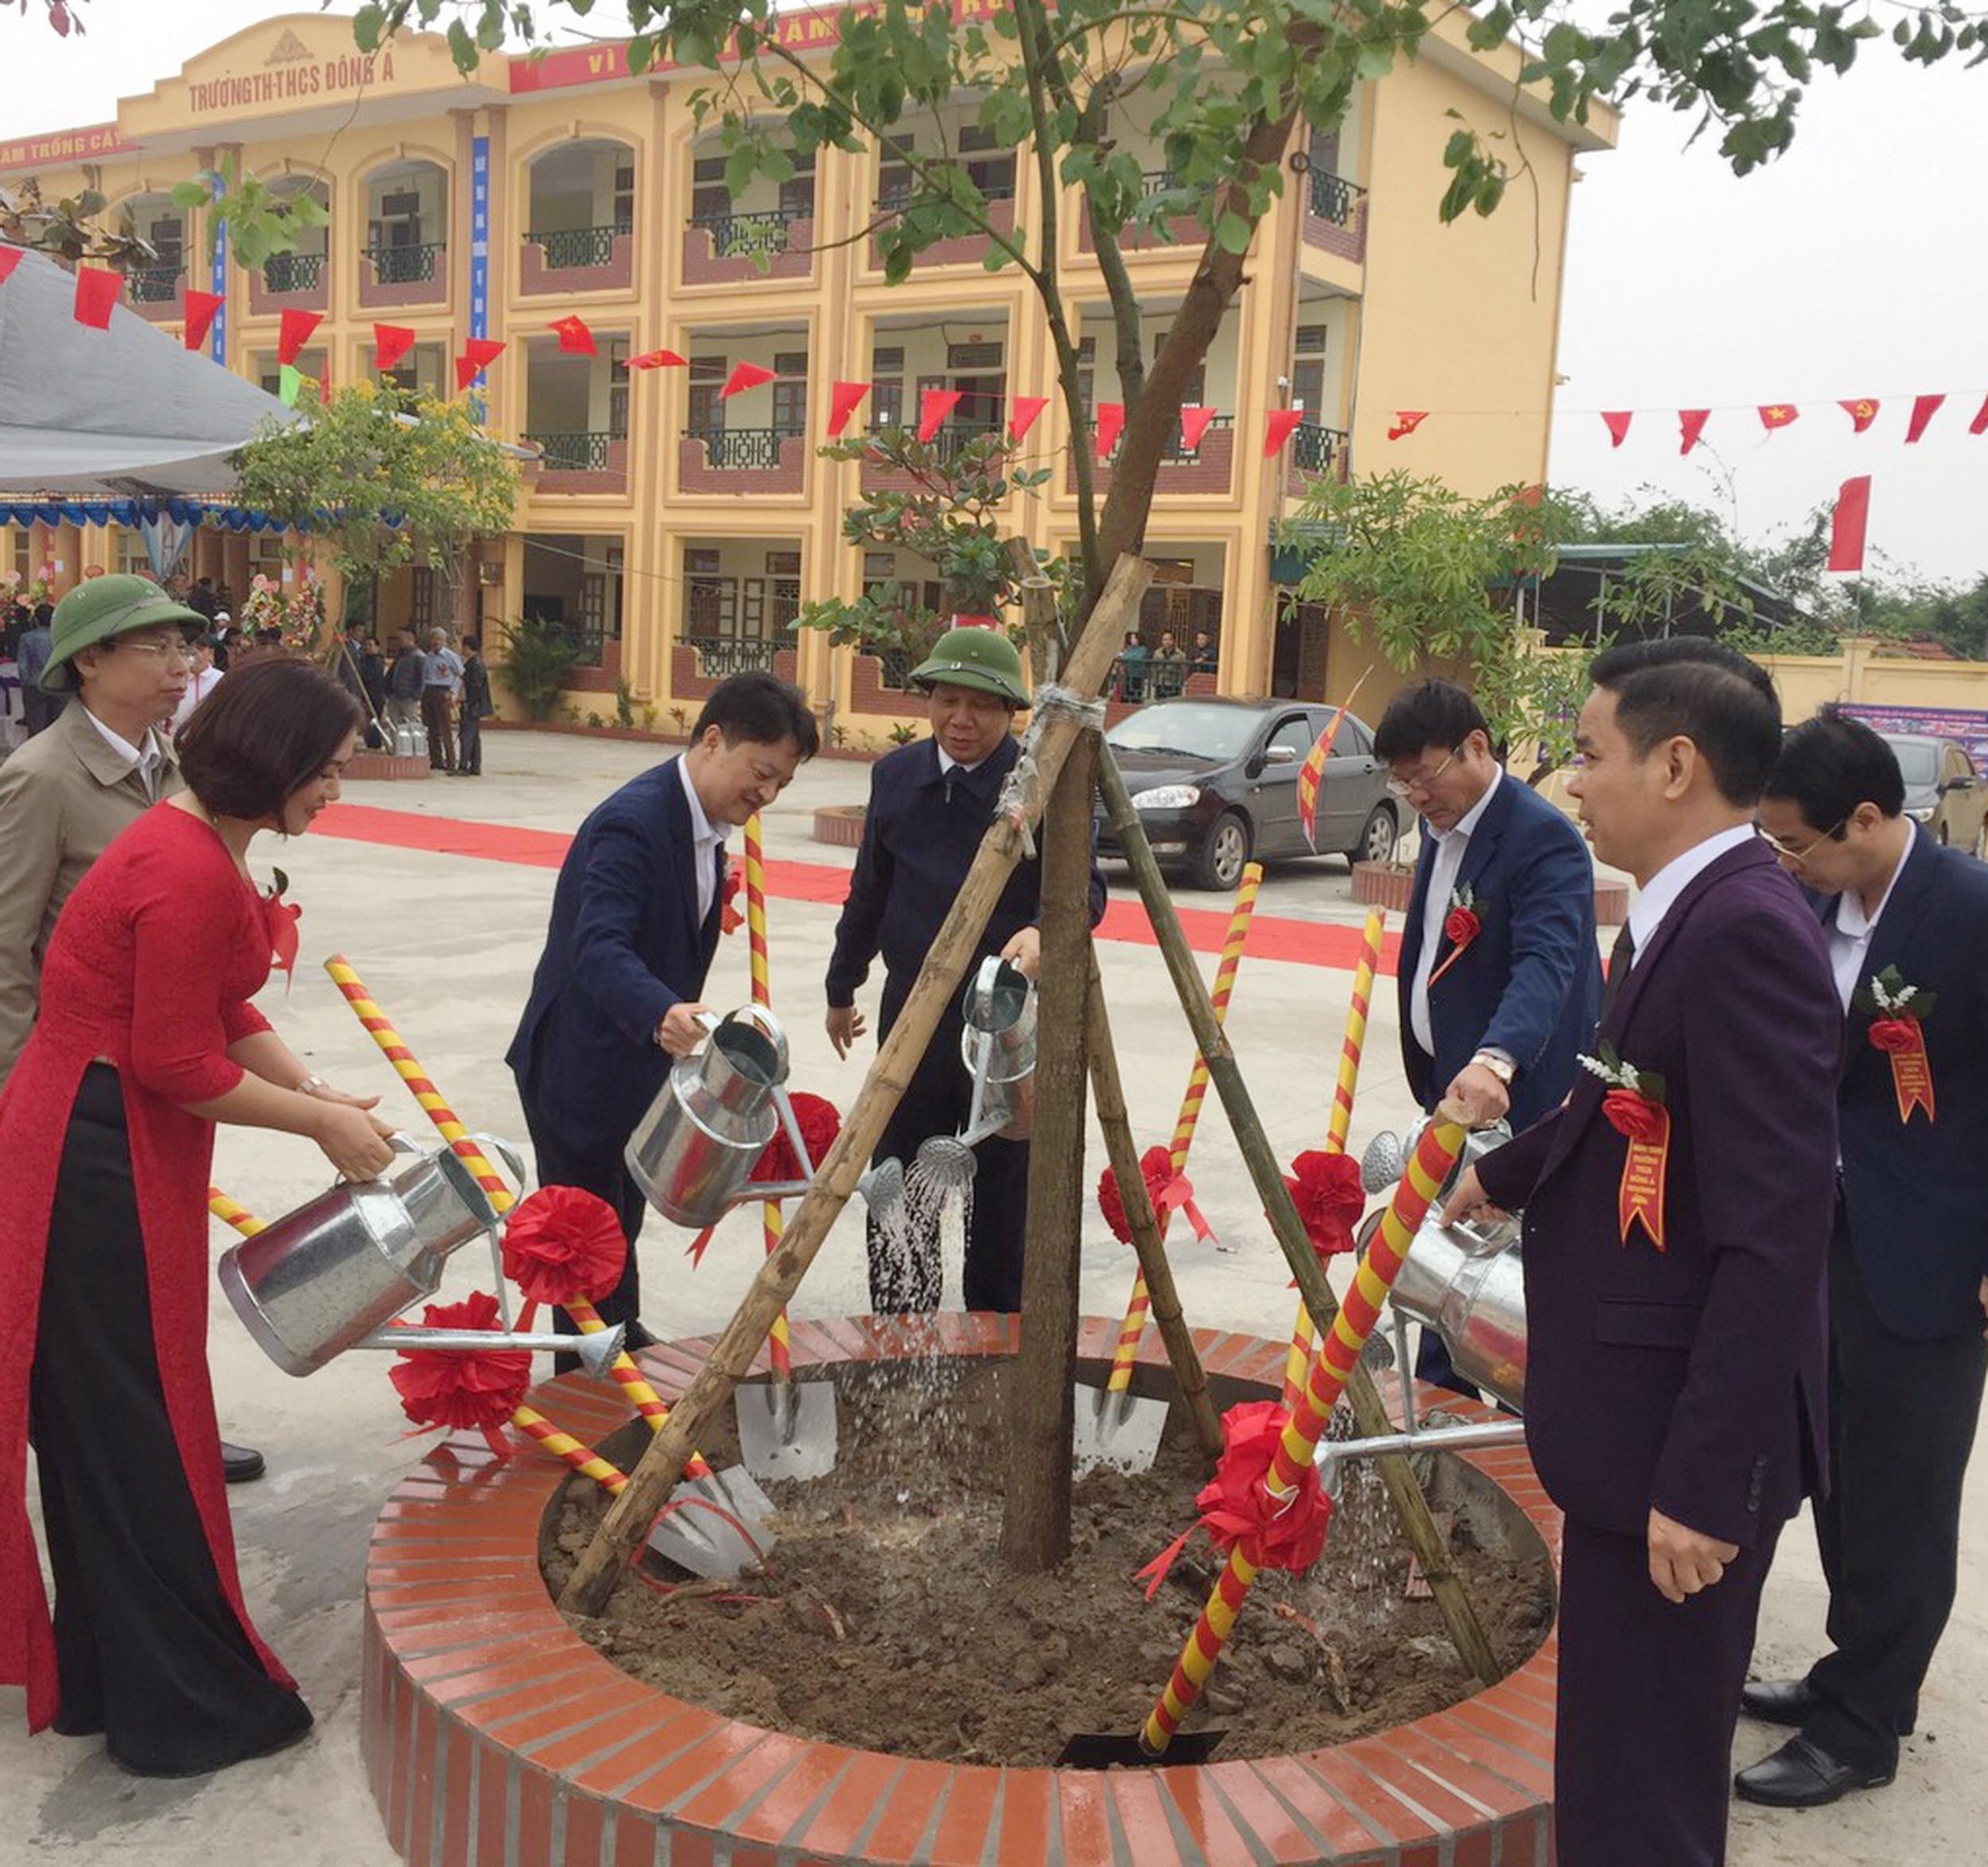 Các vị đại biểu tham gia trồng cây lưu niệm, tạo màu xanh cho trường